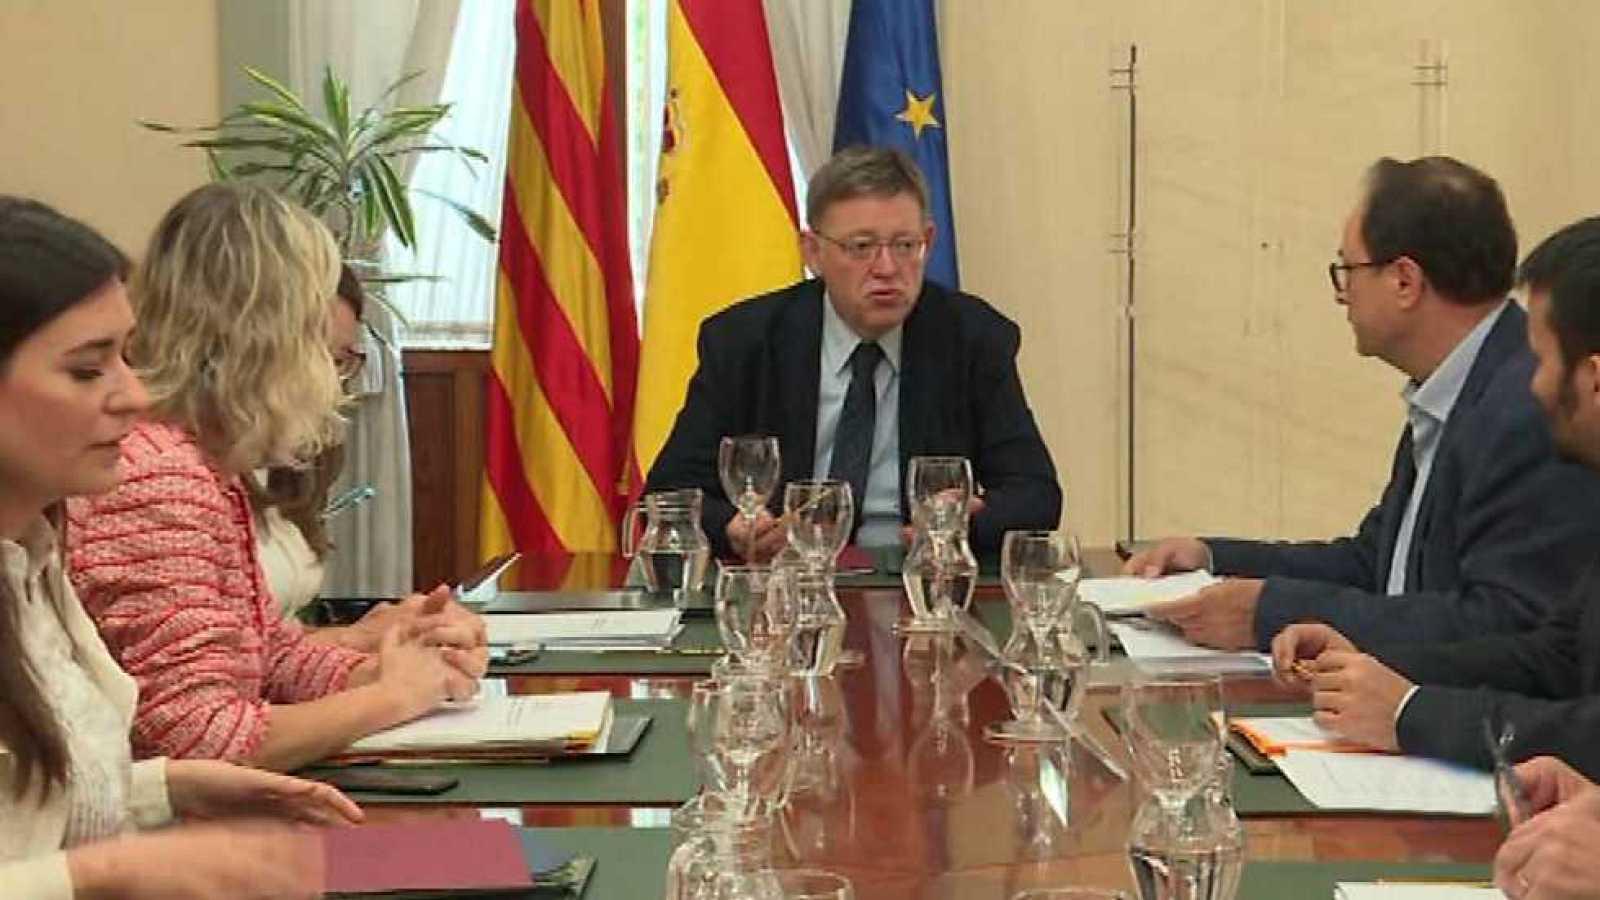 L'Informatiu - Comunitat Valenciana - 14/07/17 - ver ahora